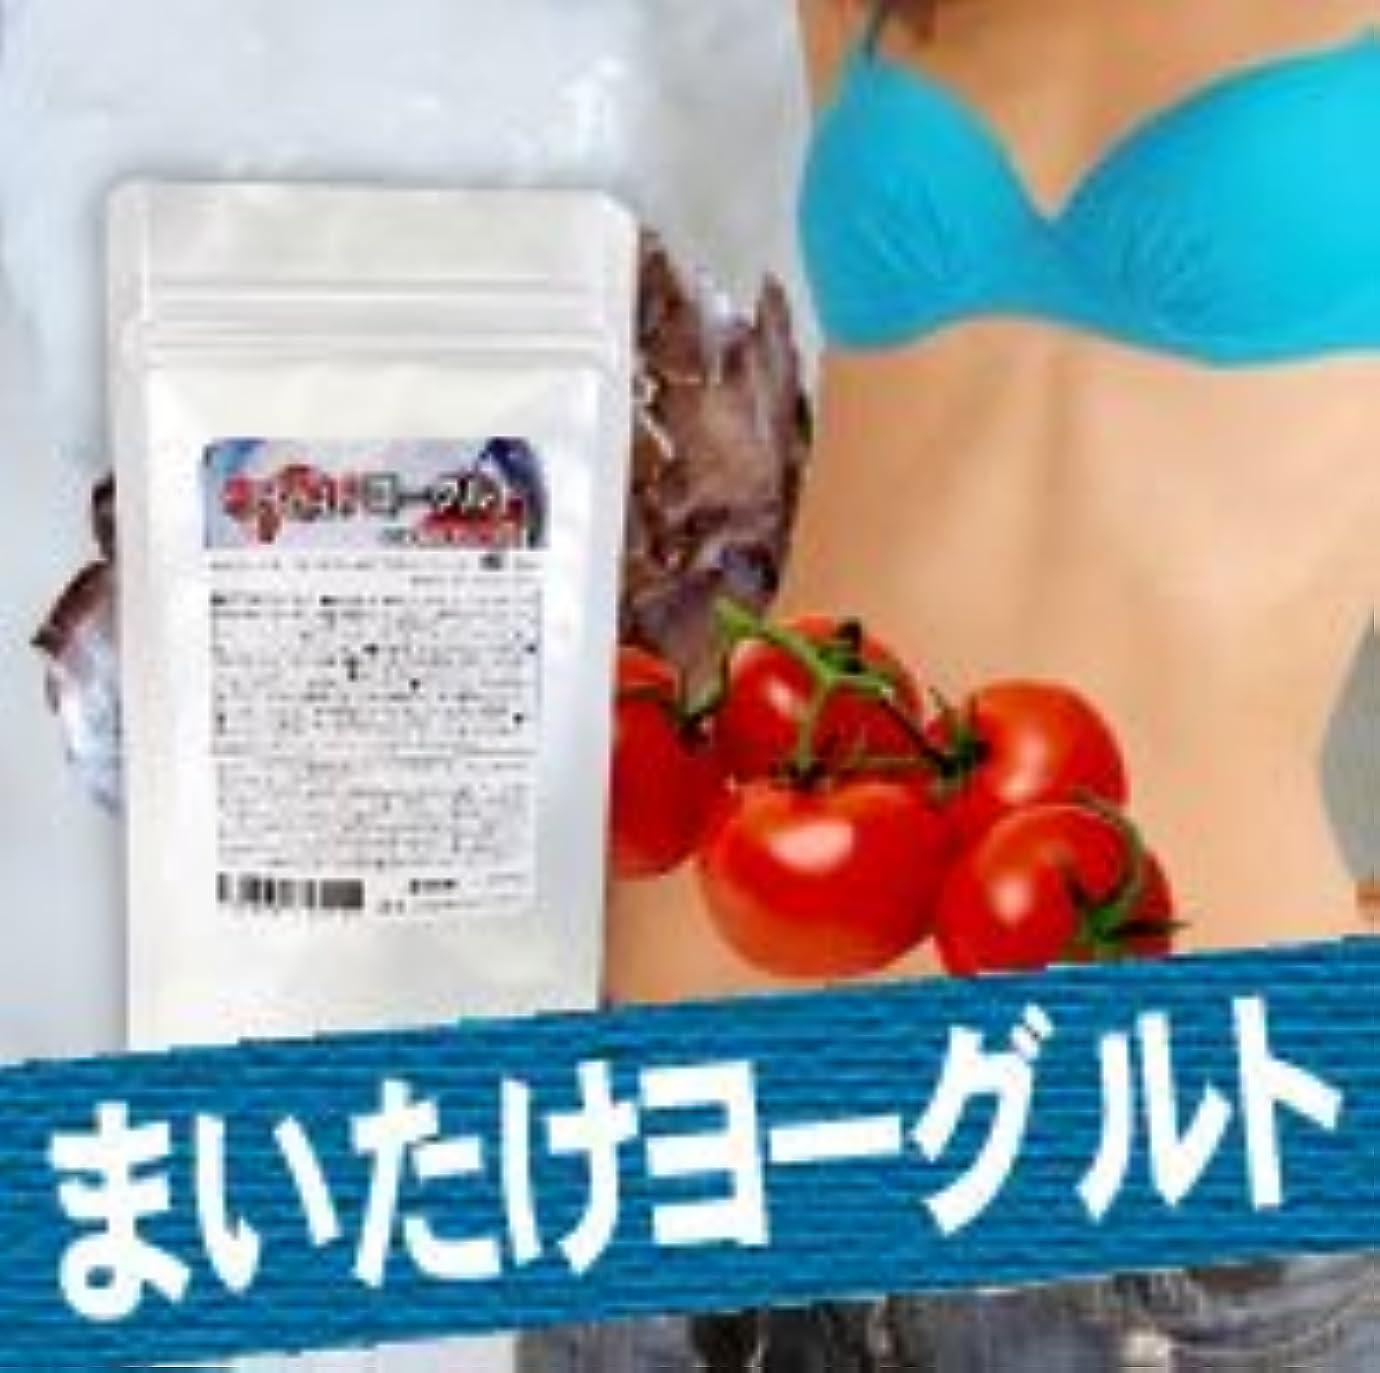 ギャングスターストライドリネンダイエットサプリメント【まいたけヨーグルト×2個】TVで話題の舞茸、ヨーグルト、トマト